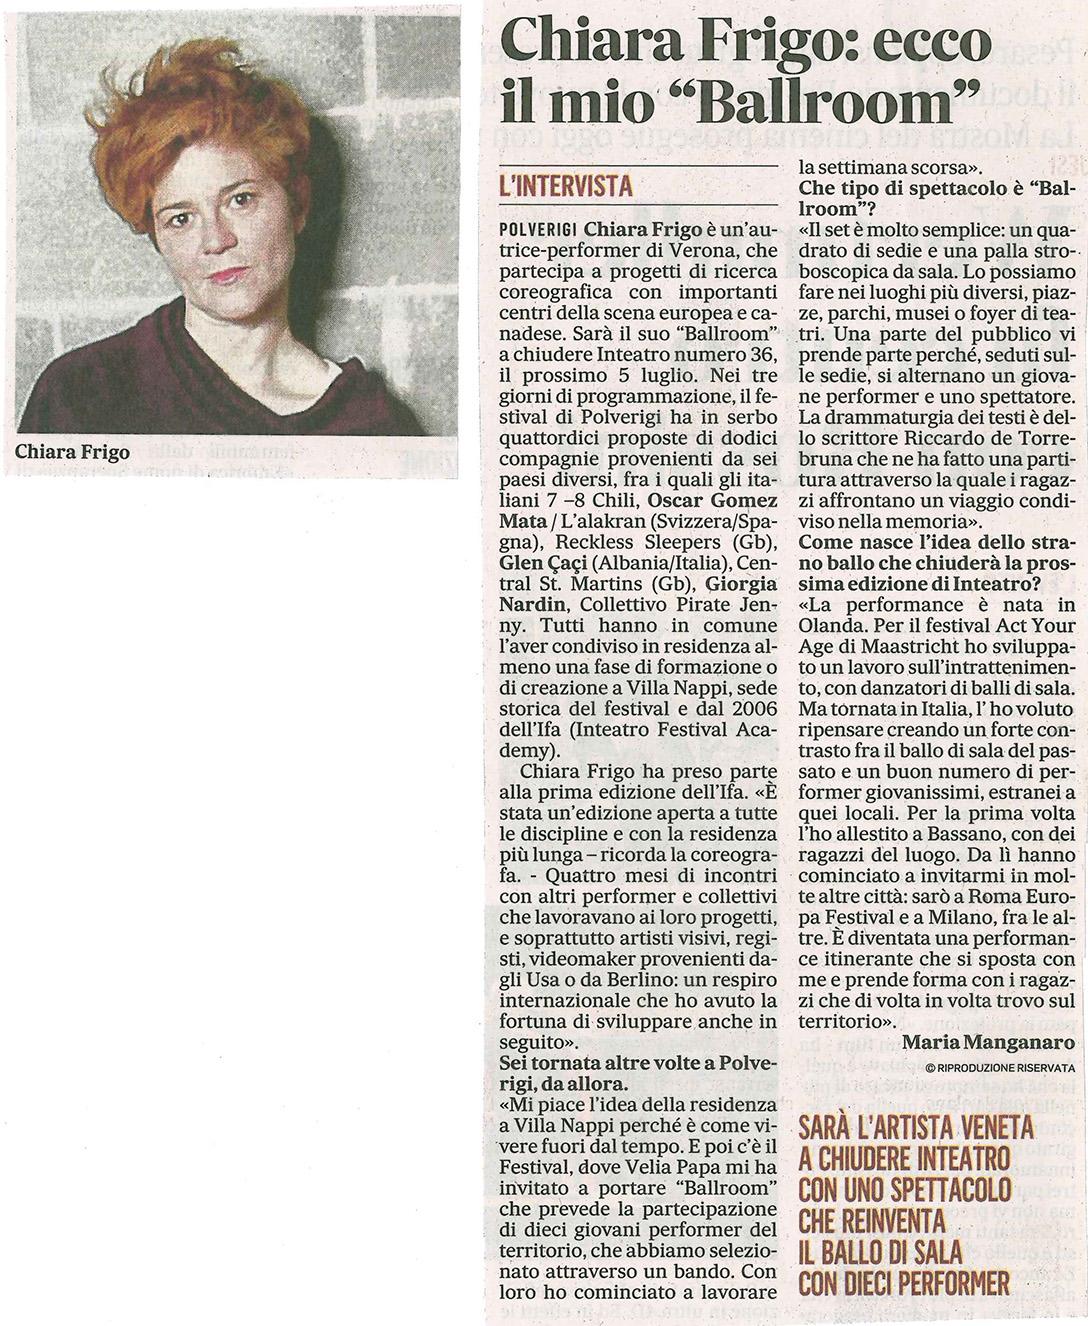 2014.06.24 Chiara Frigo ecco il mio 'Ballroom' - Il Messaggero